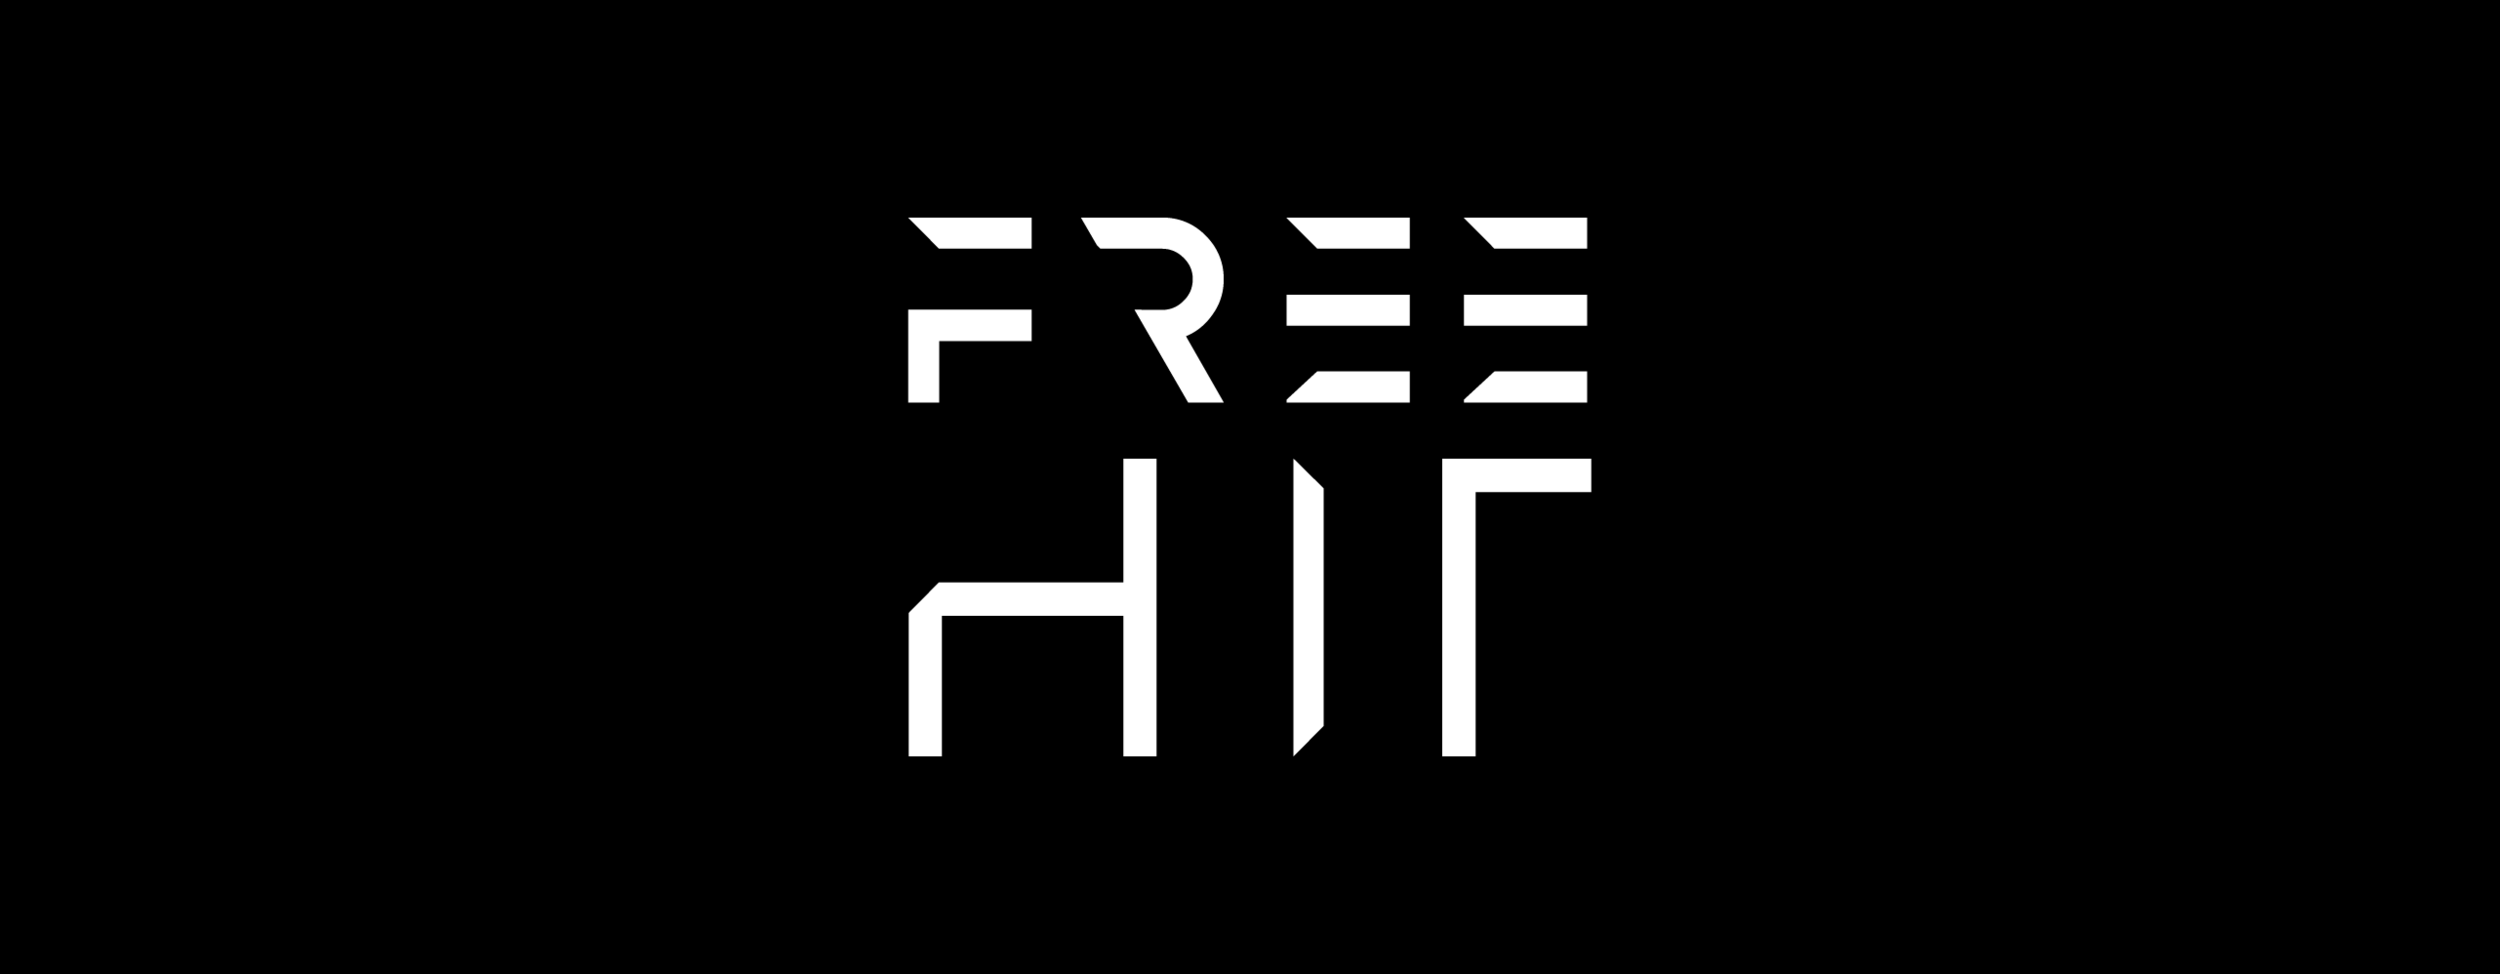 freehit-black-bg.png